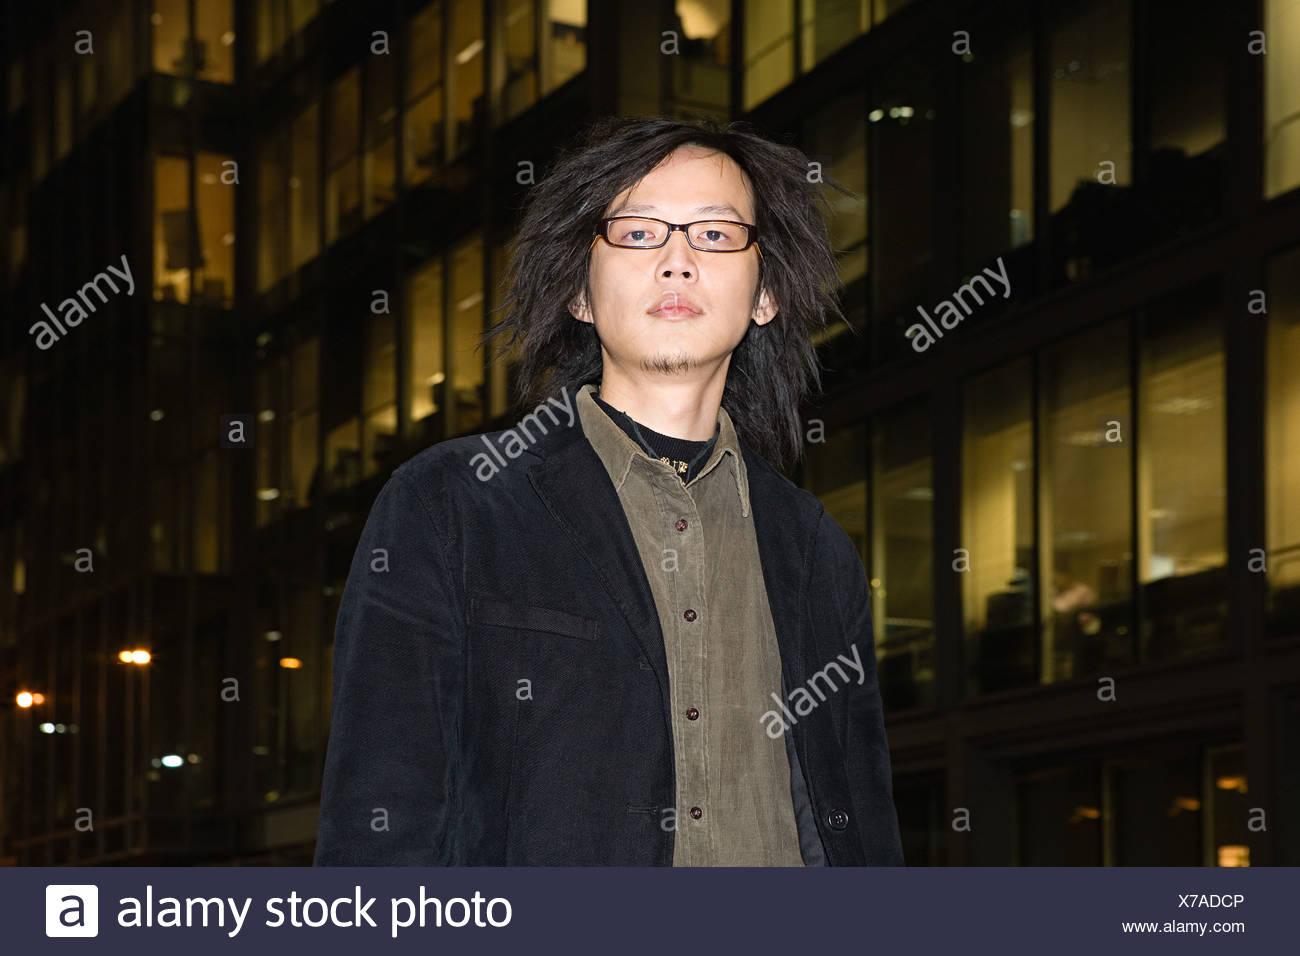 Ritratto di un giovane uomo Immagini Stock